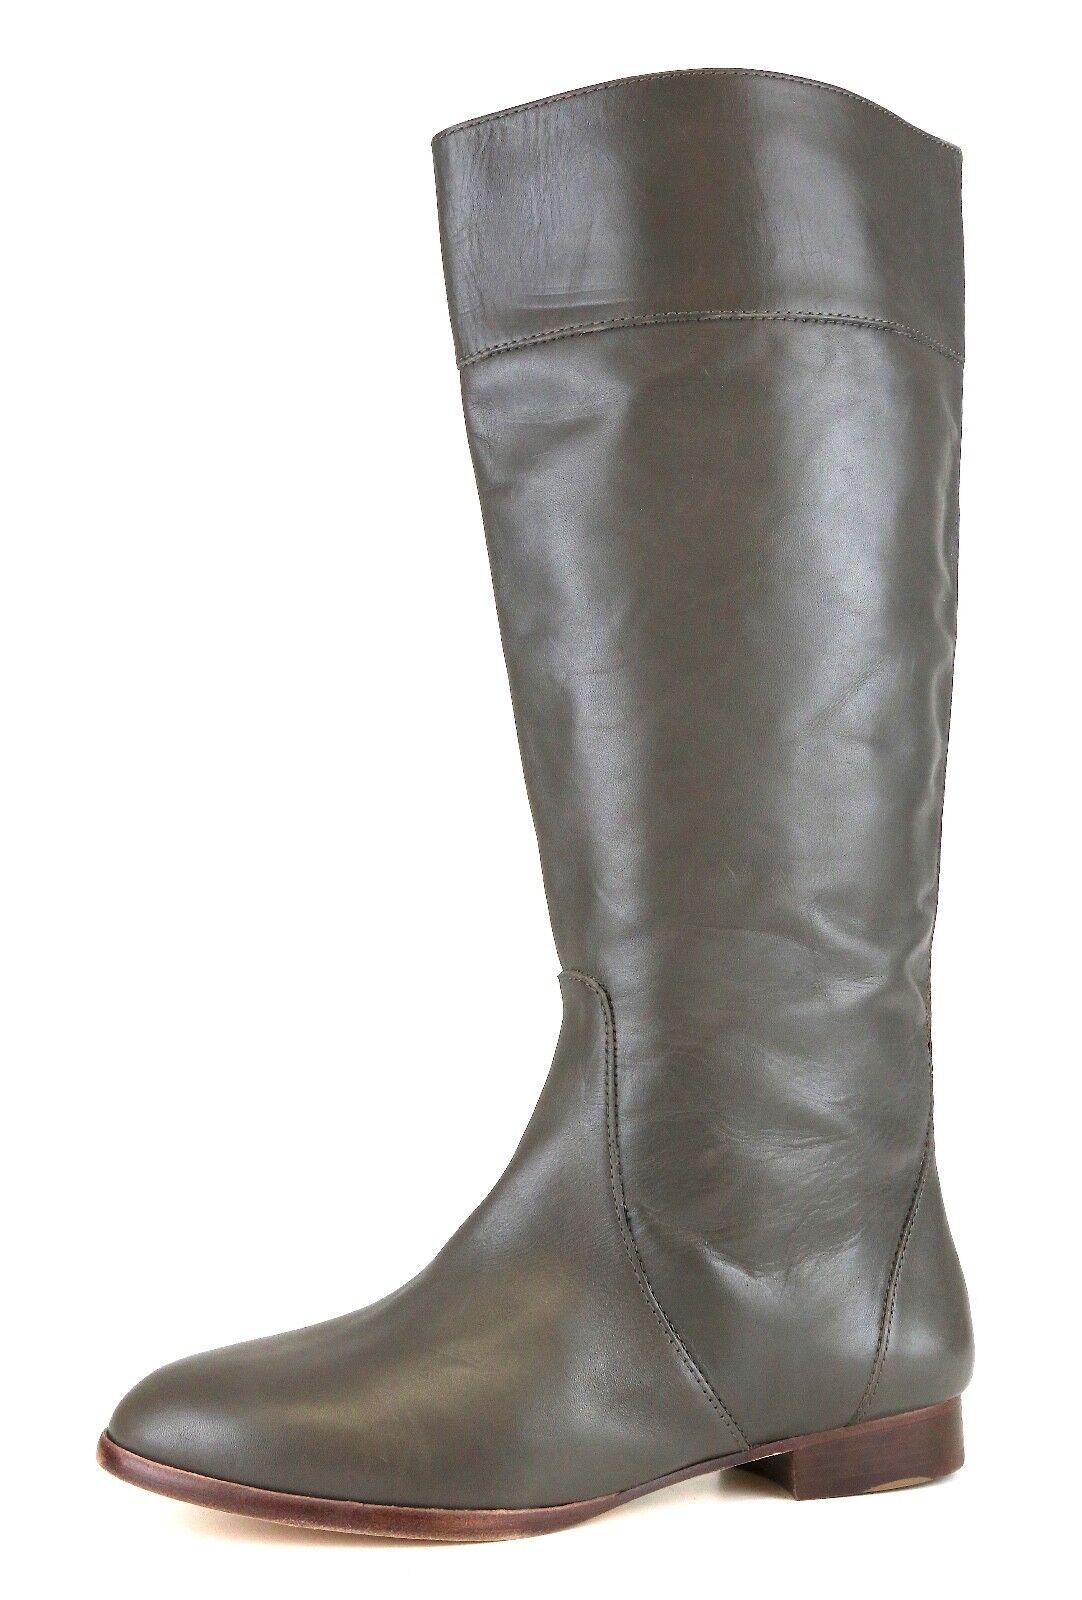 tutti i prodotti ottengono fino al 34% di sconto J.Crew Booker Buckle Tall Leather avvio avvio avvio grigio donna Sz 8.5 5125   sconto di vendita